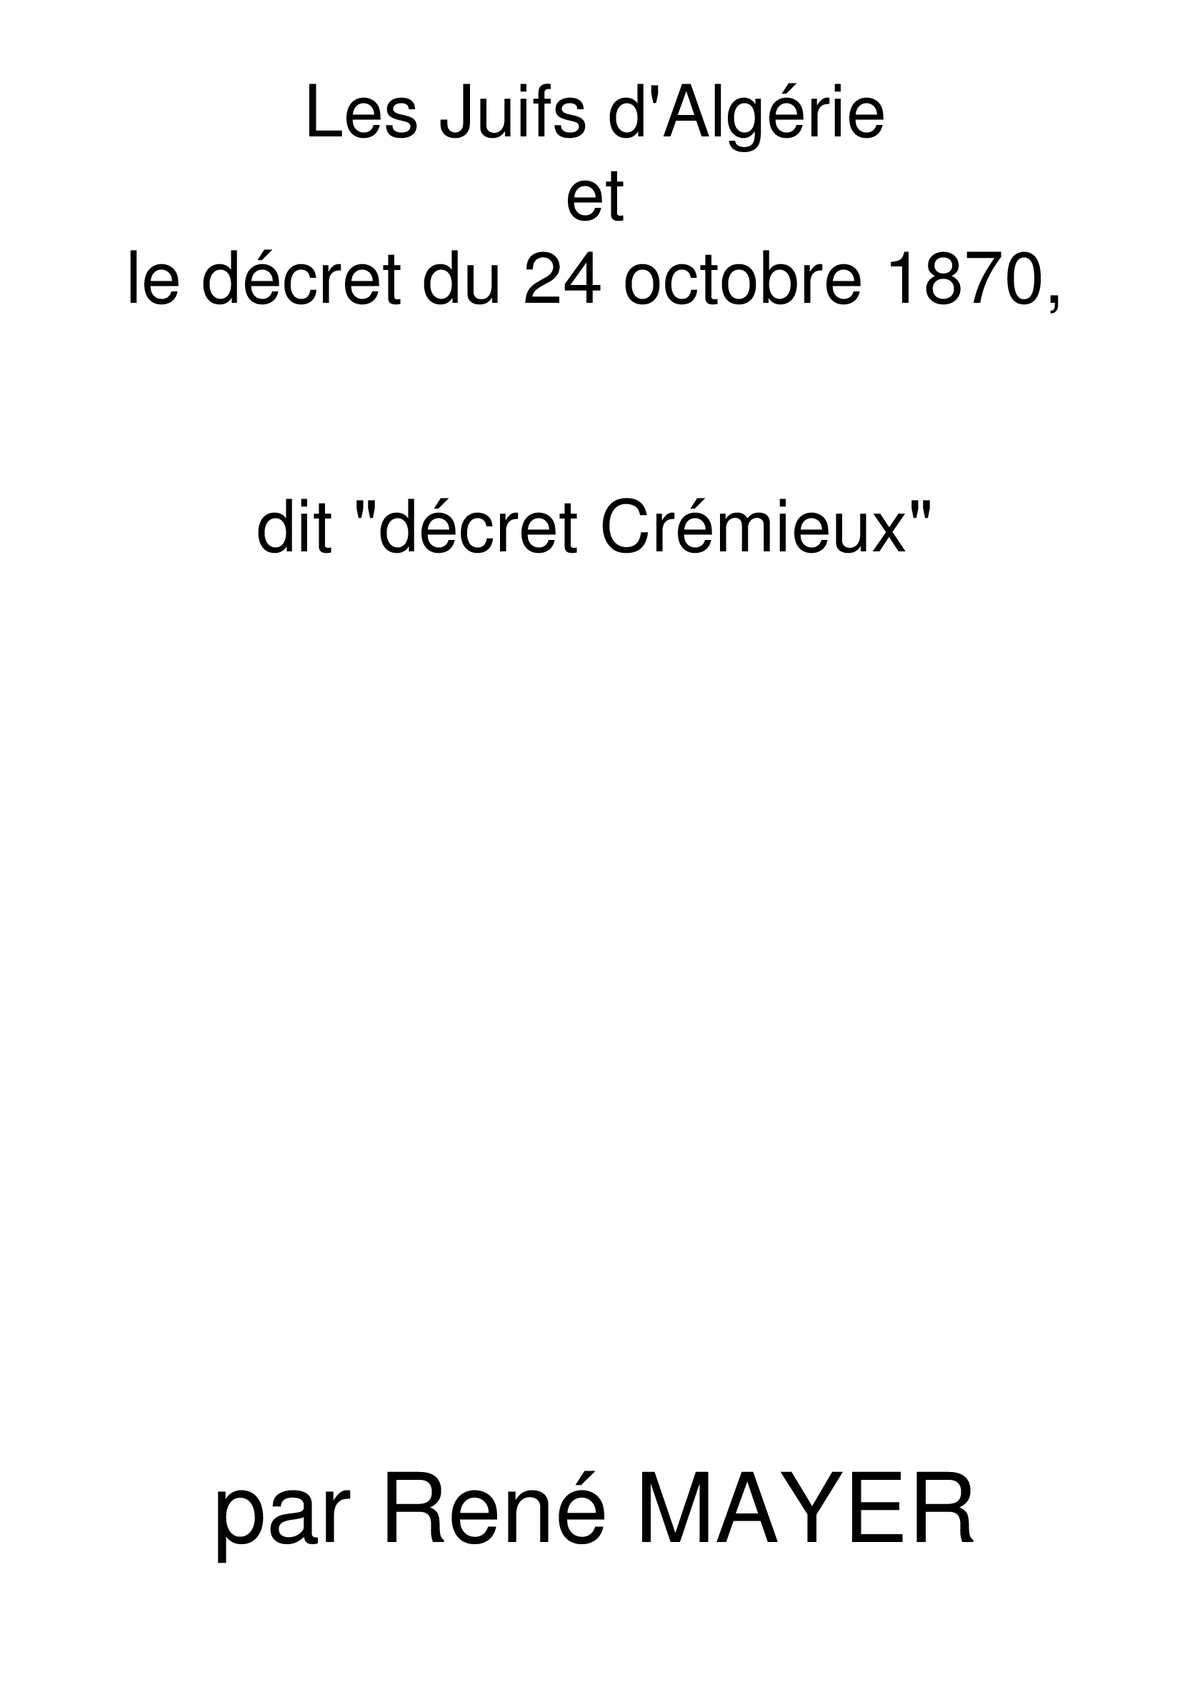 """René Mayer- Les Juifs d'Algérie et le décret du 24 Octobre 1870 dit """"Décret Crémieux""""."""